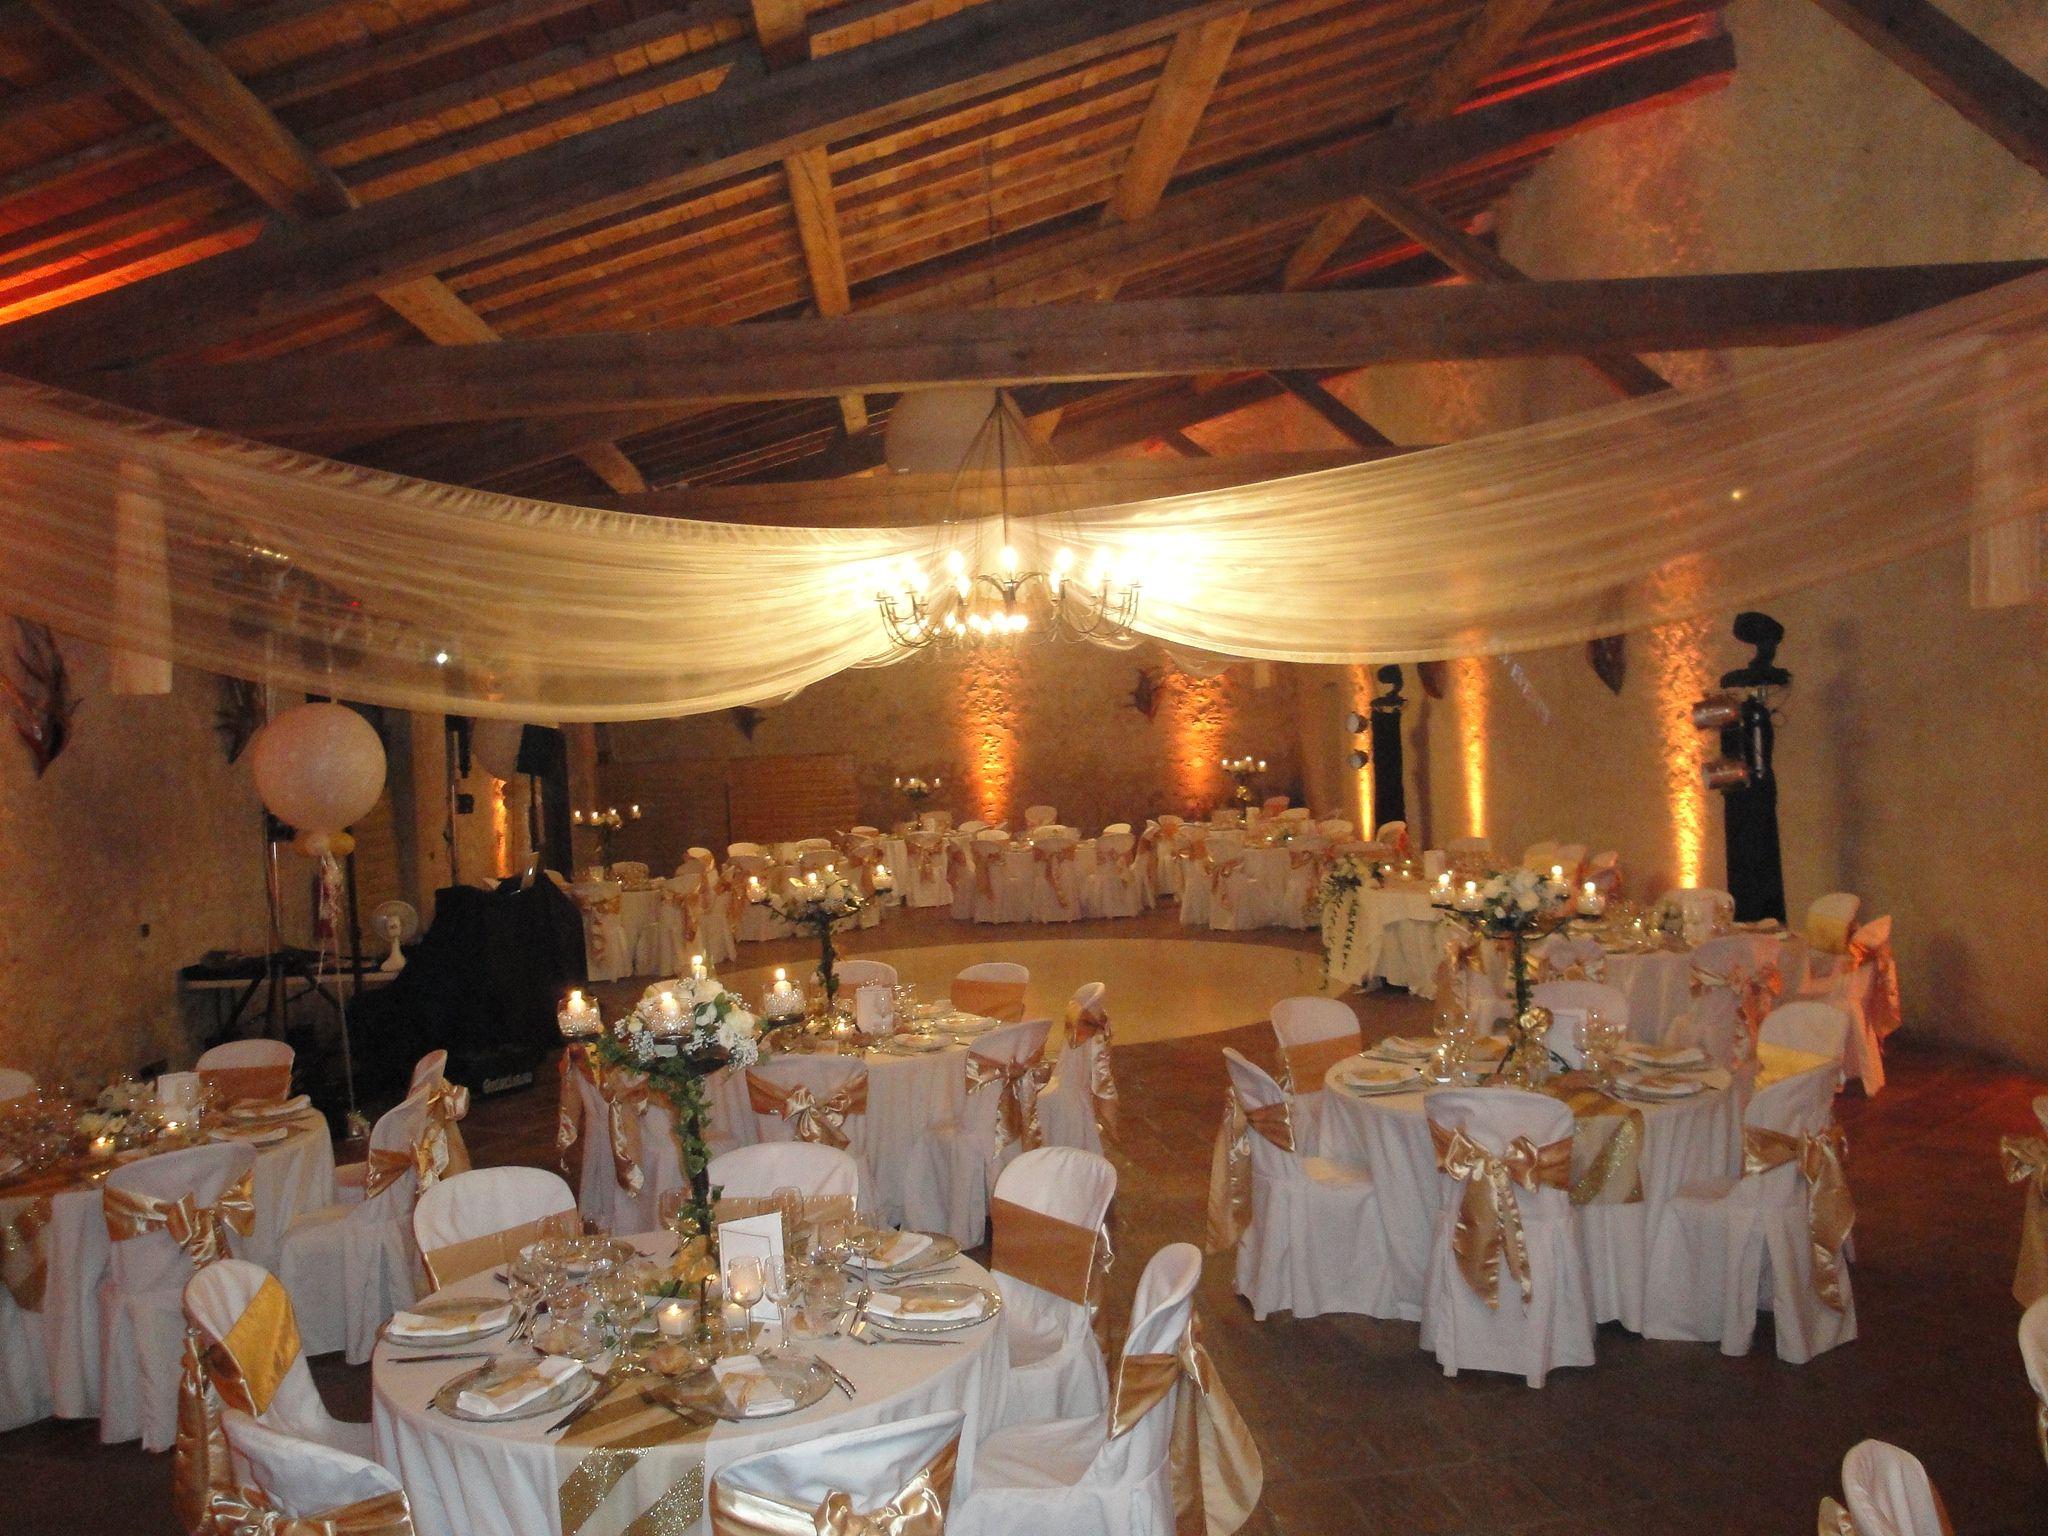 Decoration Salle De Mariage Blanc Et Dore : Cette décoration de salle dans les tons blanc et doré